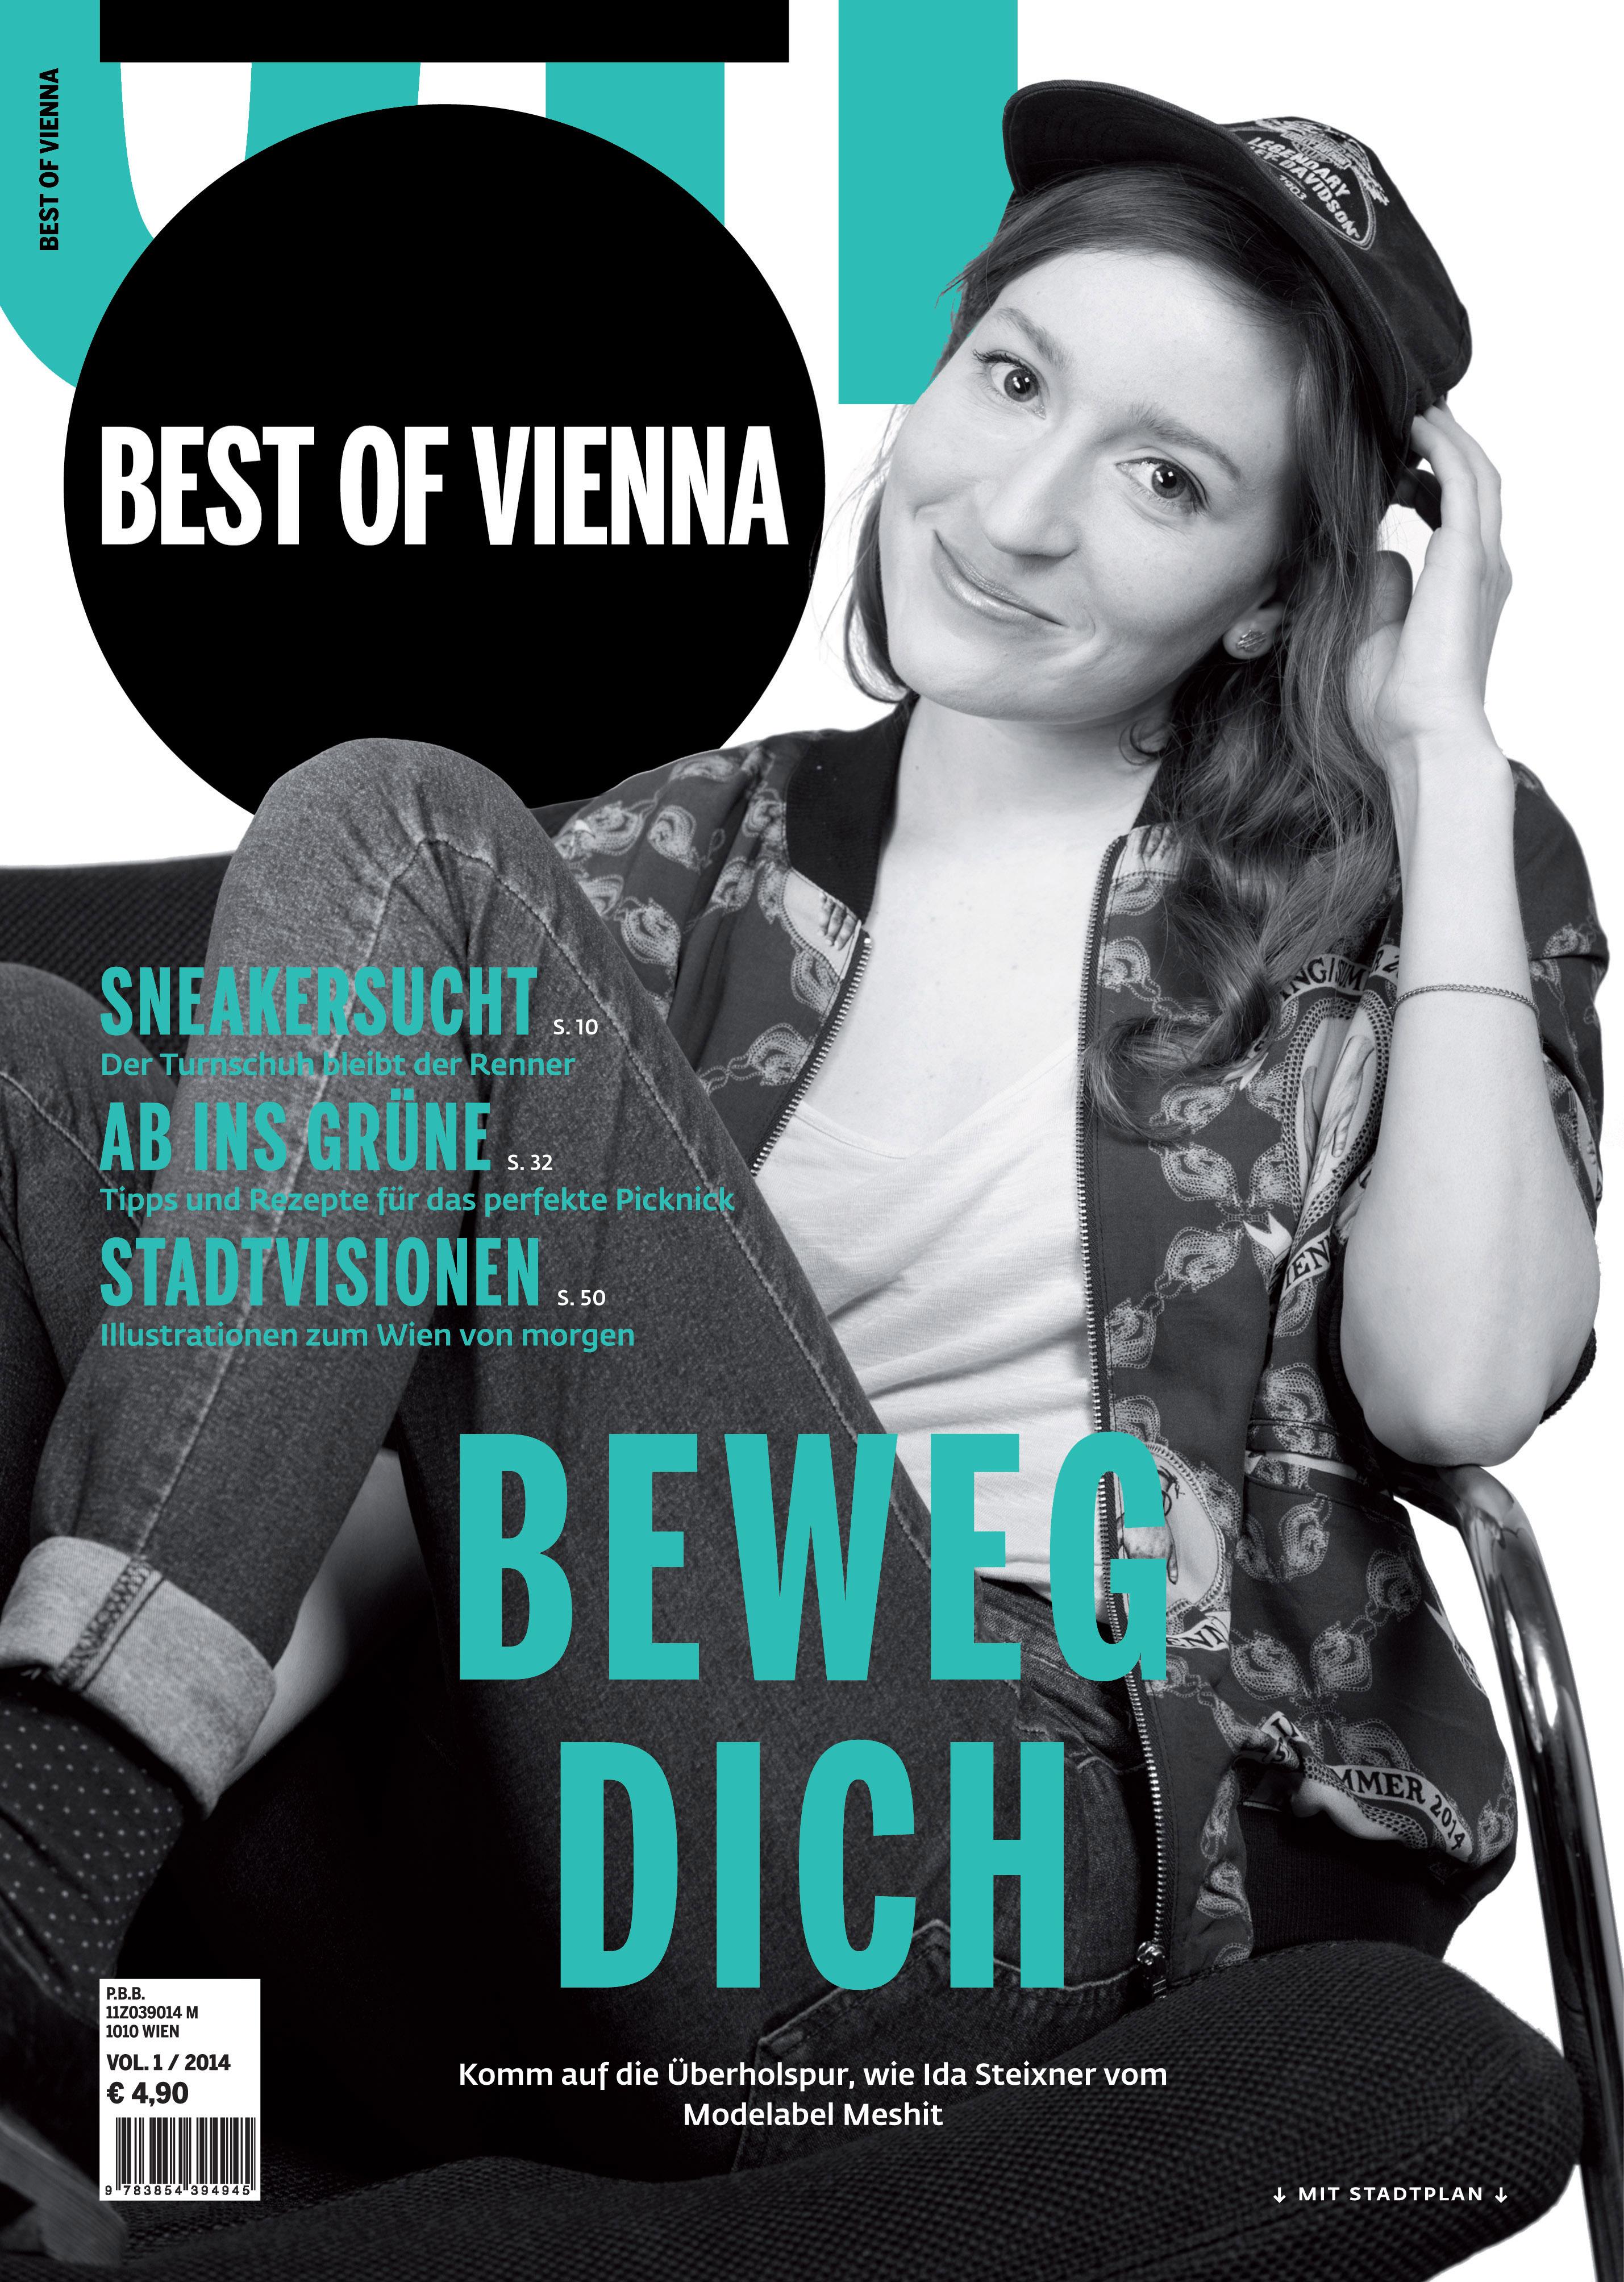 Best of Vienna 1/14